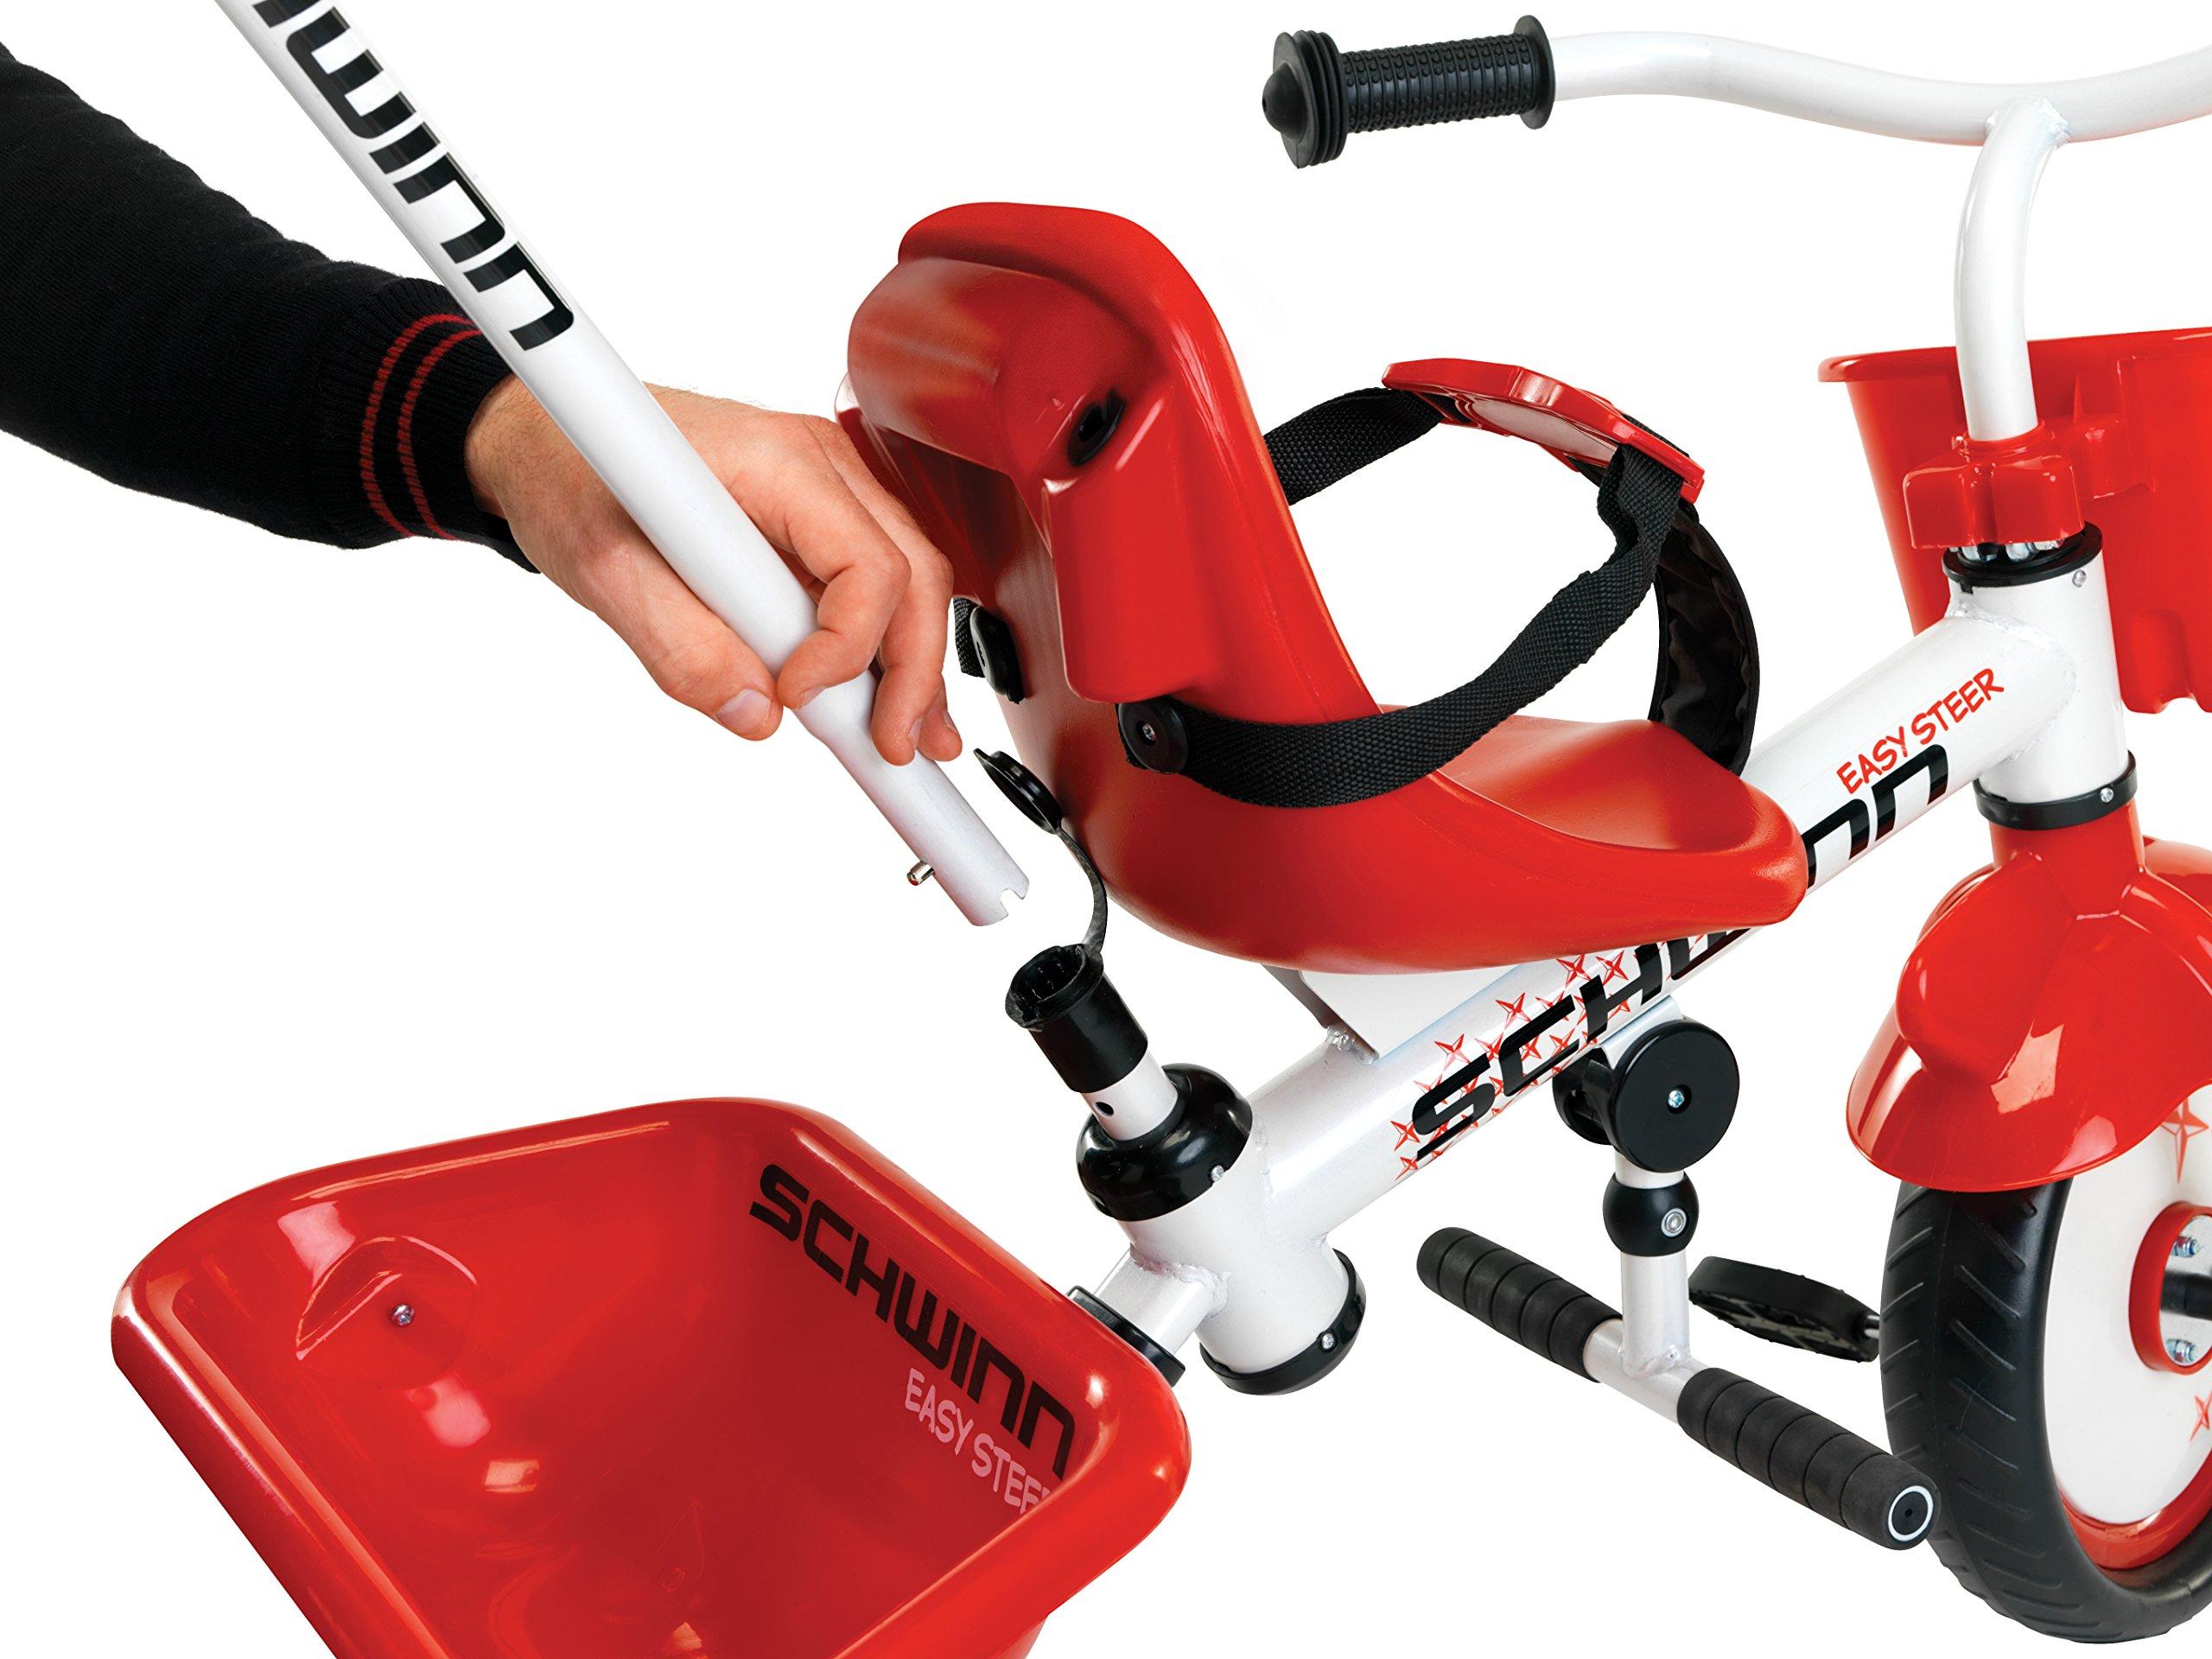 Schwinn Easy Steer Tricycle, Red/White by Schwinn (Image #3)